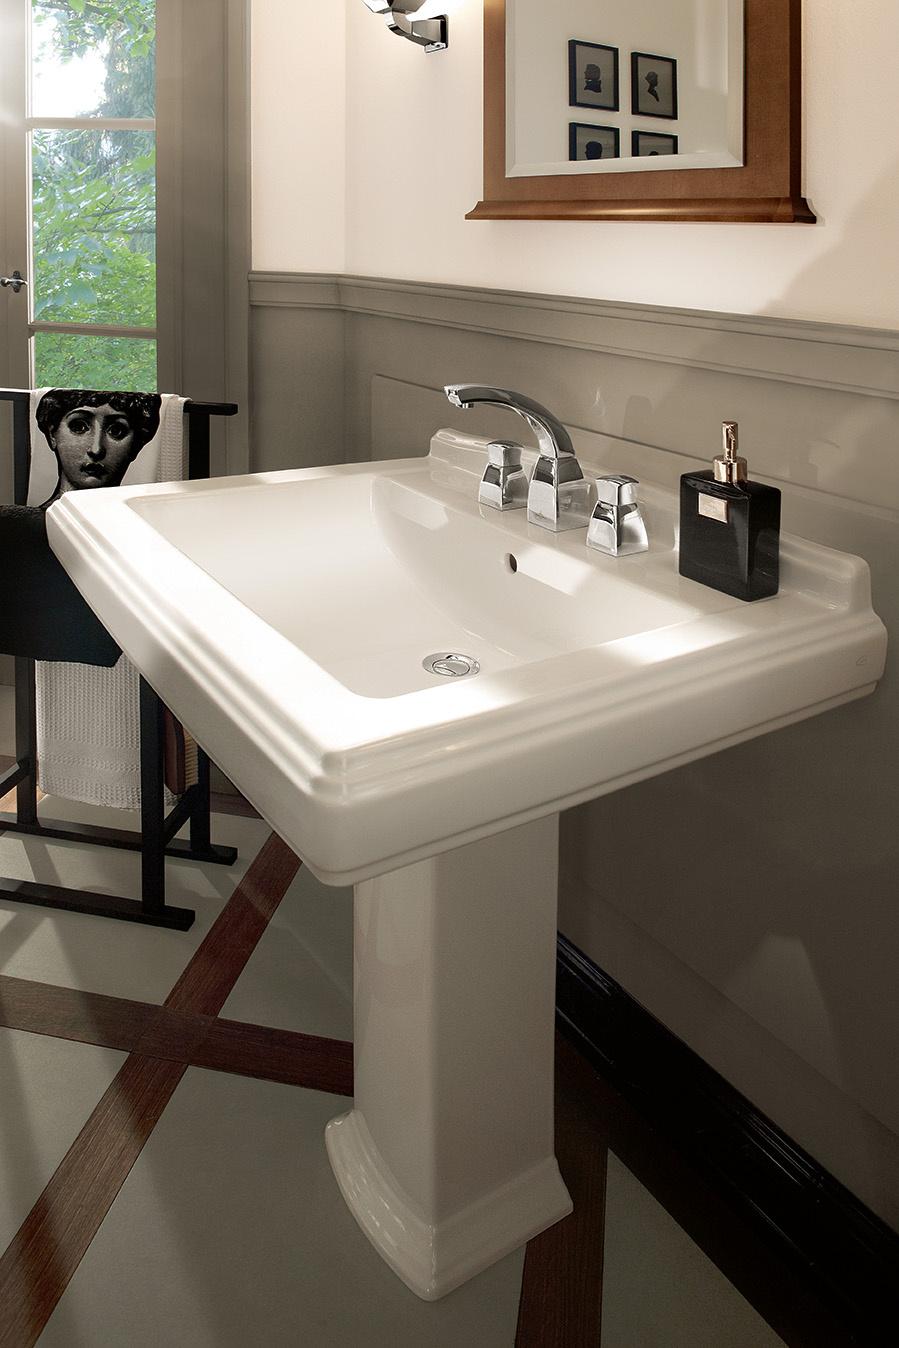 Lavabo colonne dans la salle de bains fiche produits - Lavabos salle de bain ...